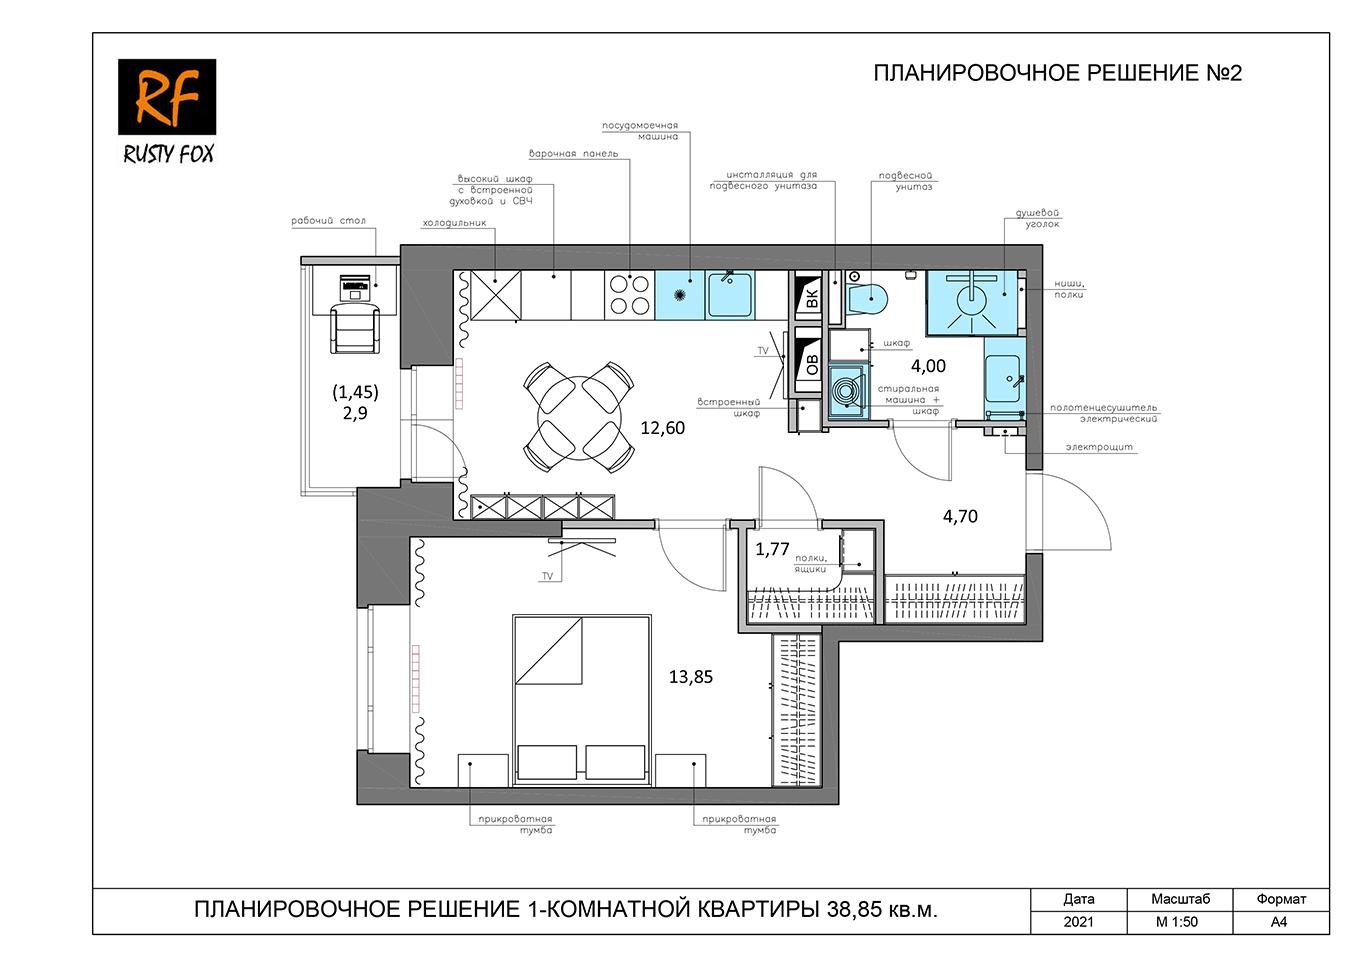 ЖК Люберцы корпус 54. 1-комнатная квартира левая 38,85 кв.м. Планировочное решение №2